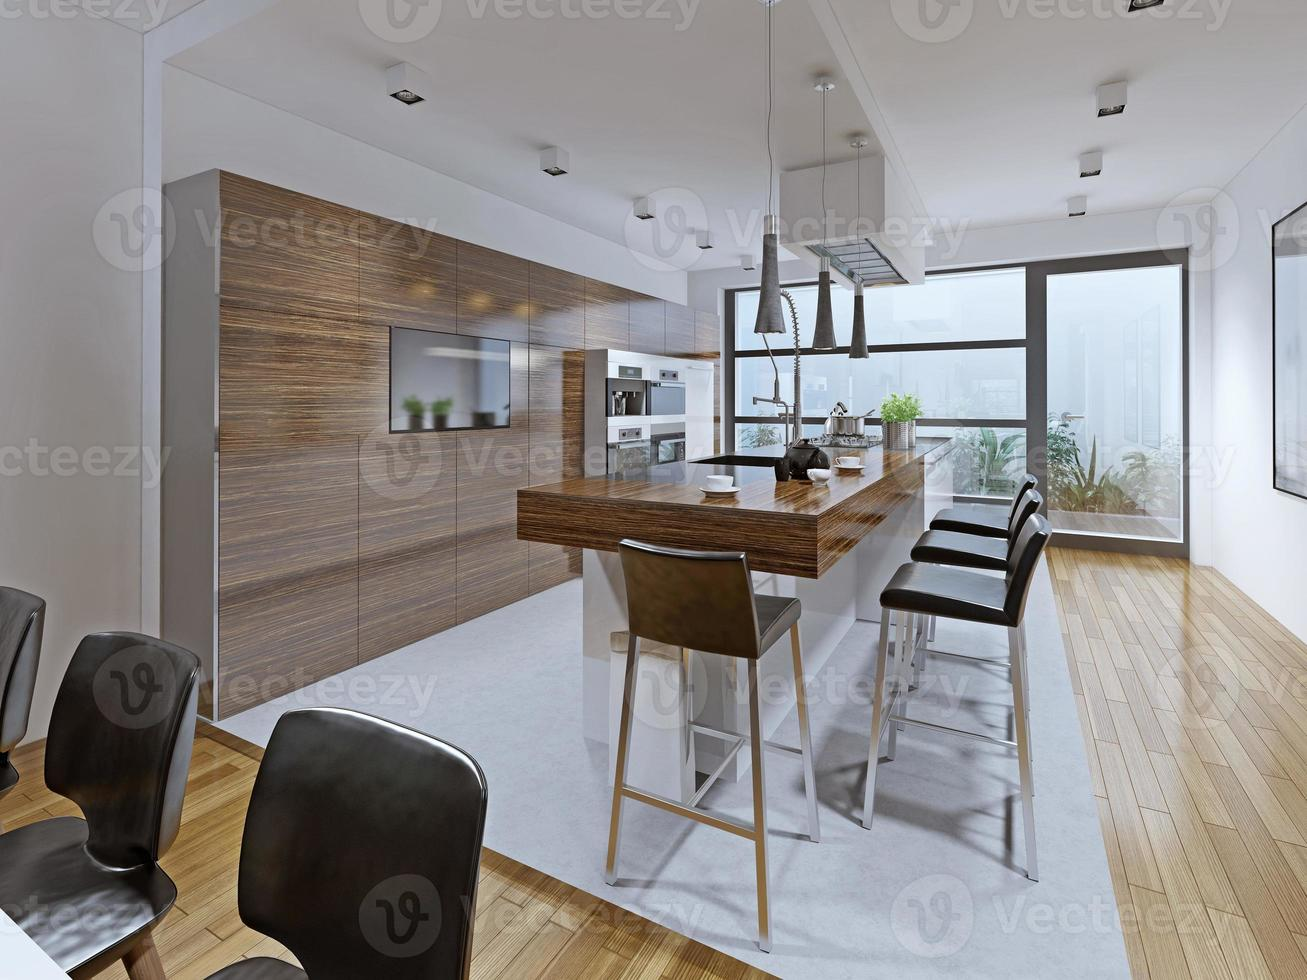 cucina in stile high-tech foto